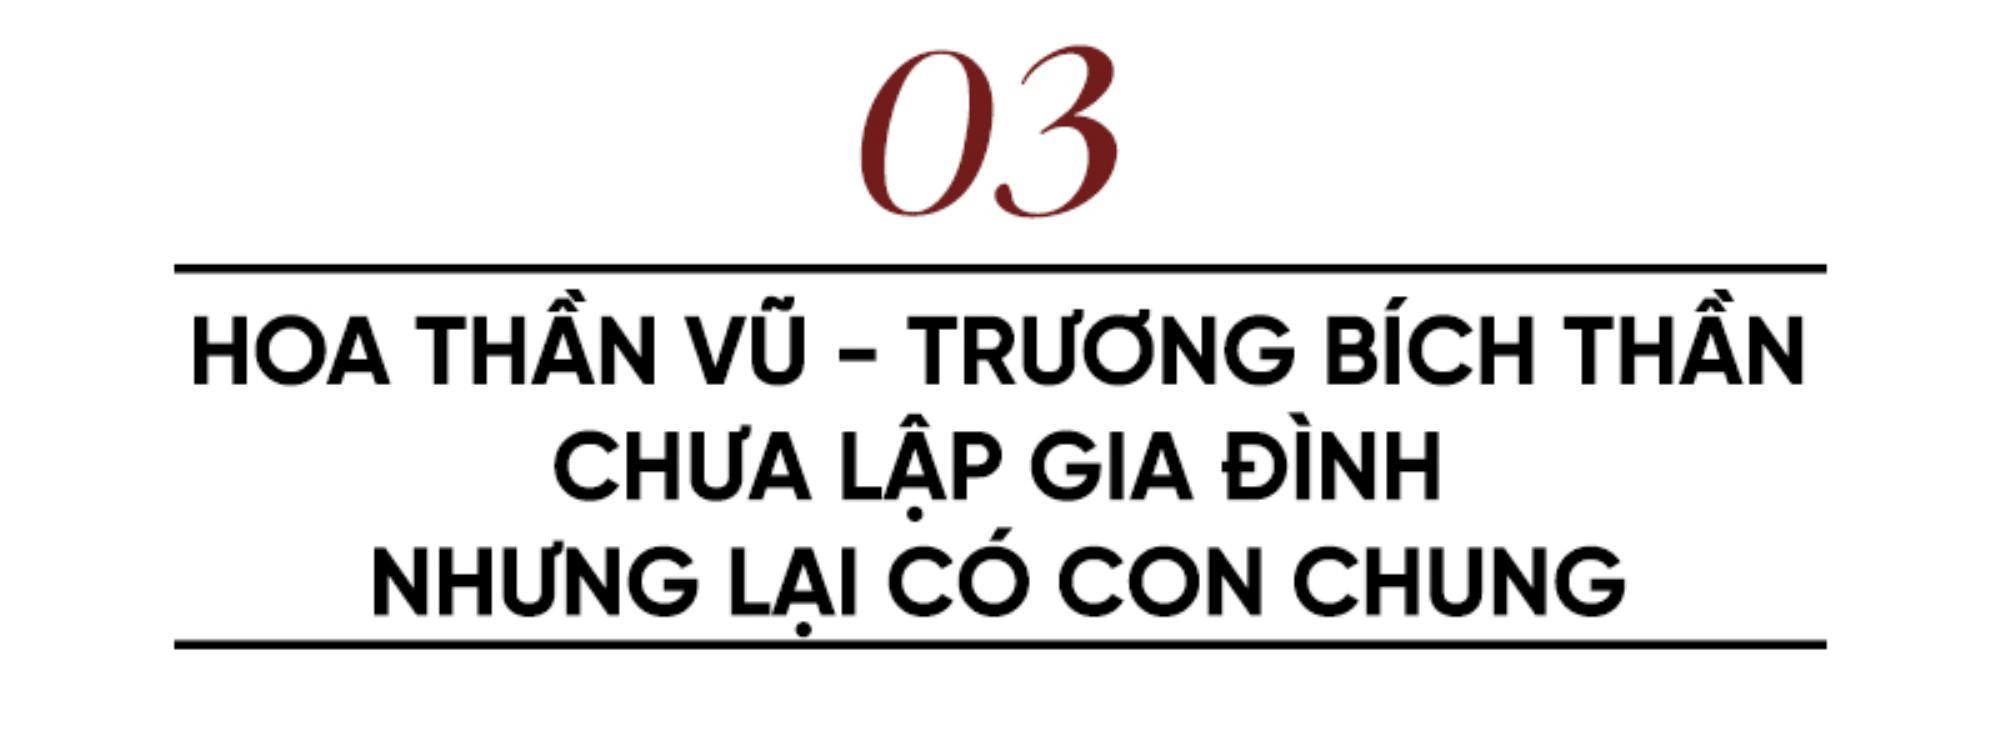 10 sự kiện gây chấn động showbiz Hoa Ngữ nửa đầu năm 2021: Chẳng có gì bất ngờ bằng scandal Trịnh Sảng Ảnh 5